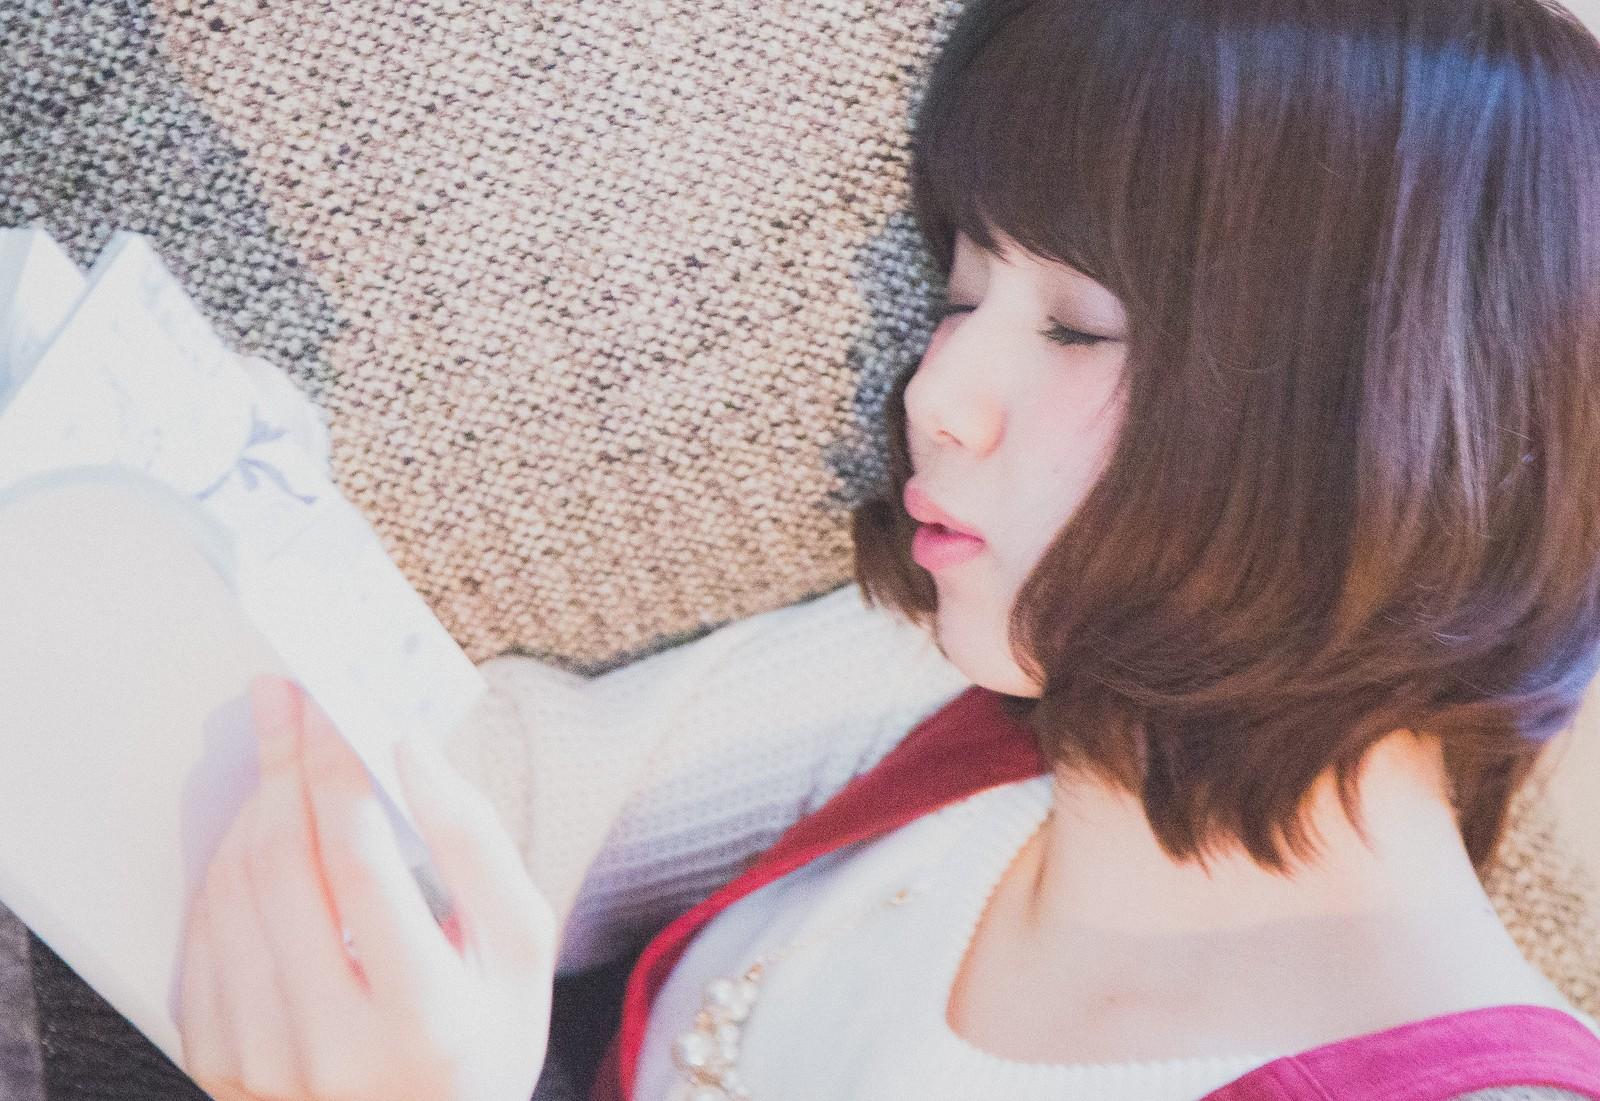 気軽に生きる方法が書かれている本を読んで寝てしまった女性の画像